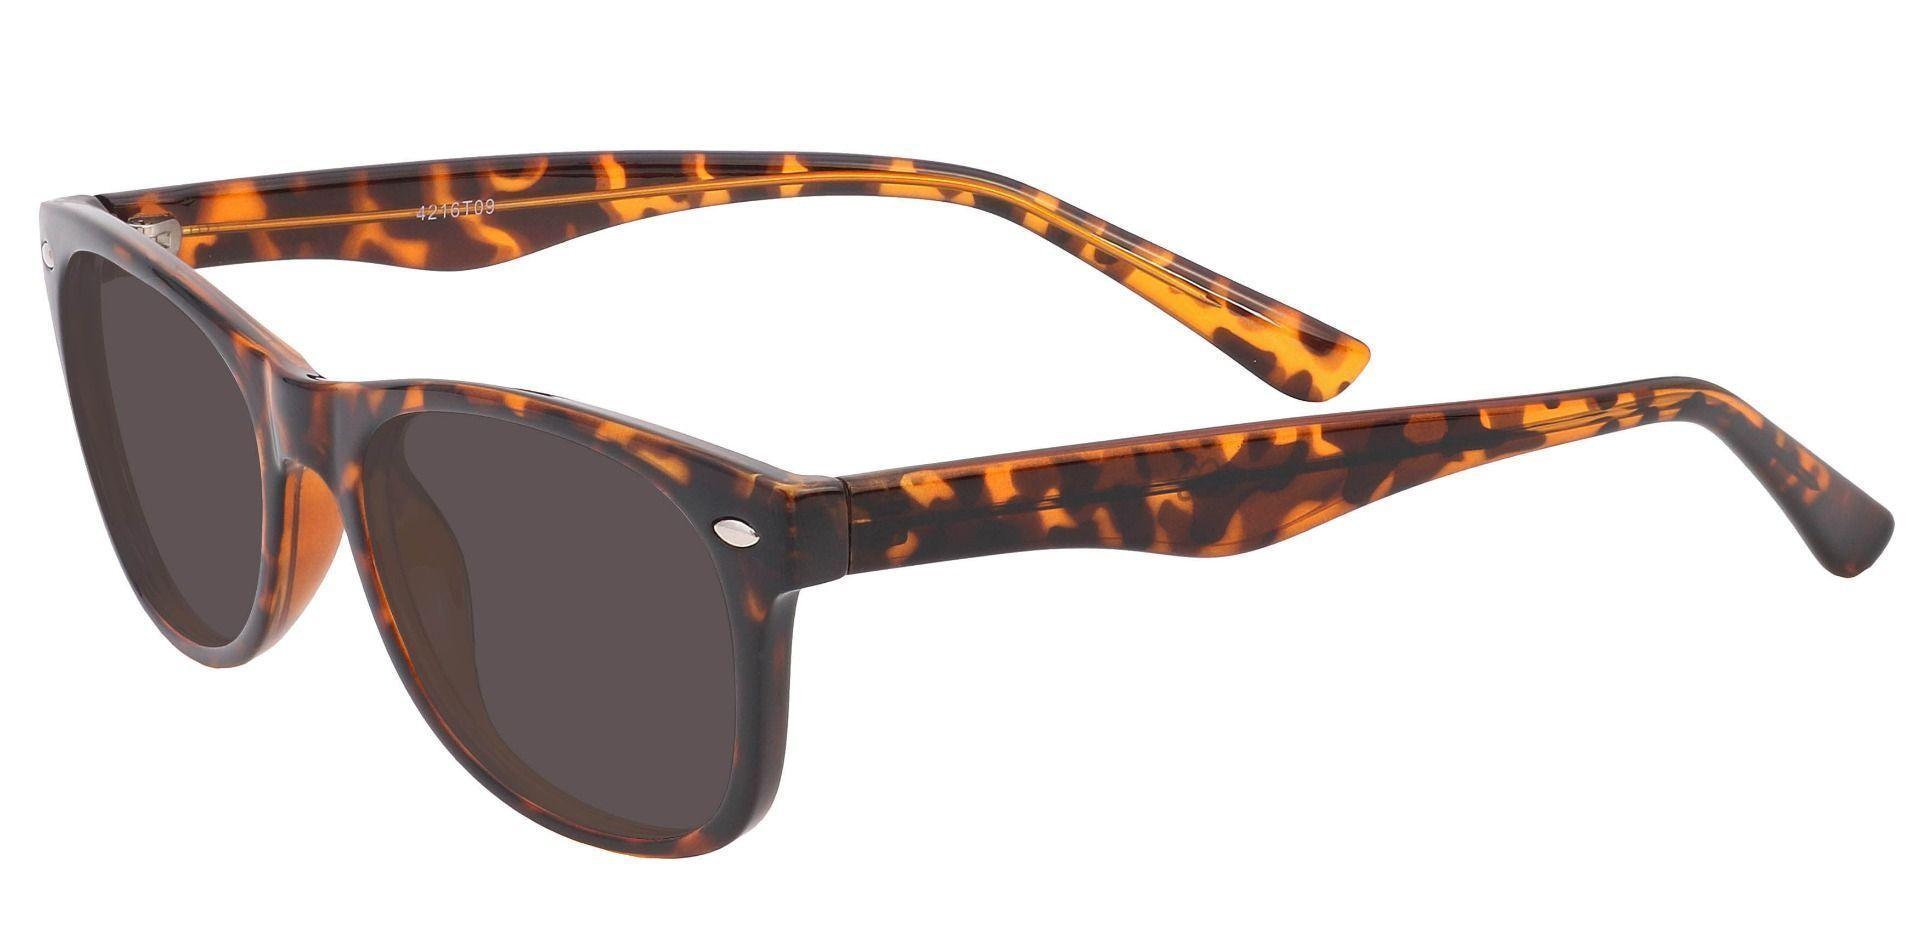 Leland Rectangle Prescription Sunglasses - Tortoise Frame With Gray Lenses